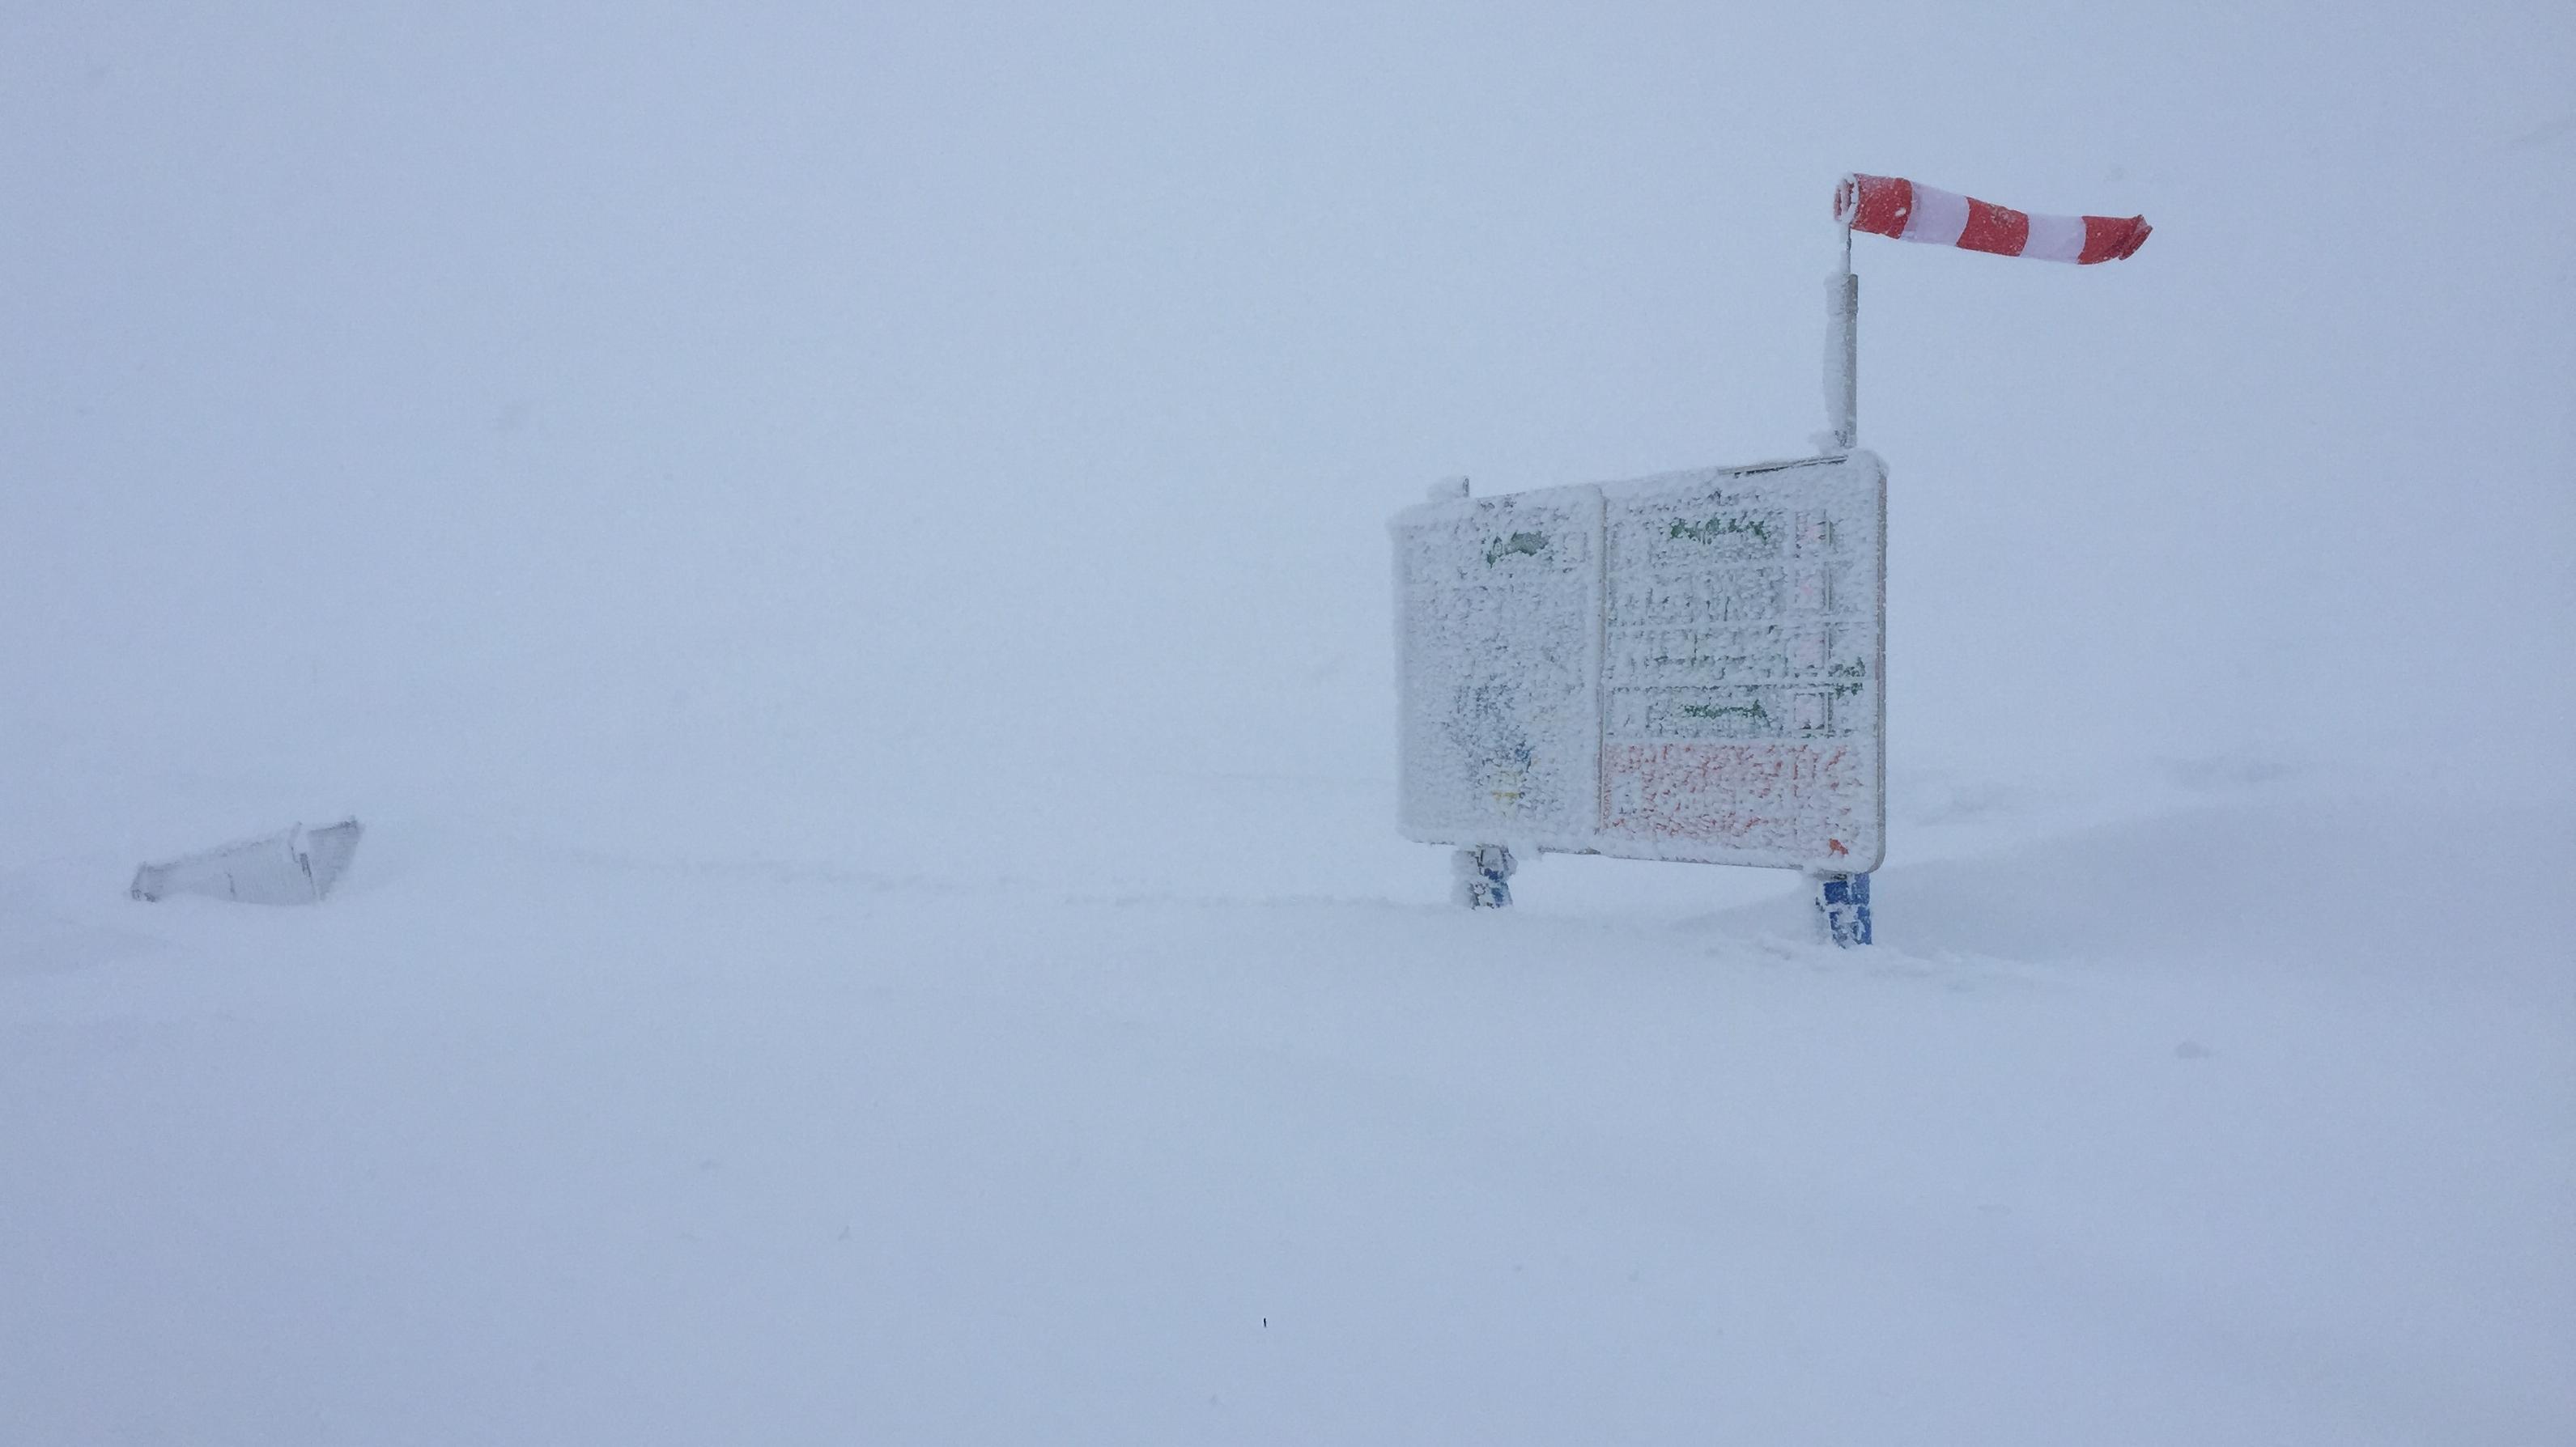 Die Nebelhorn-Station bei starkem Schneefall